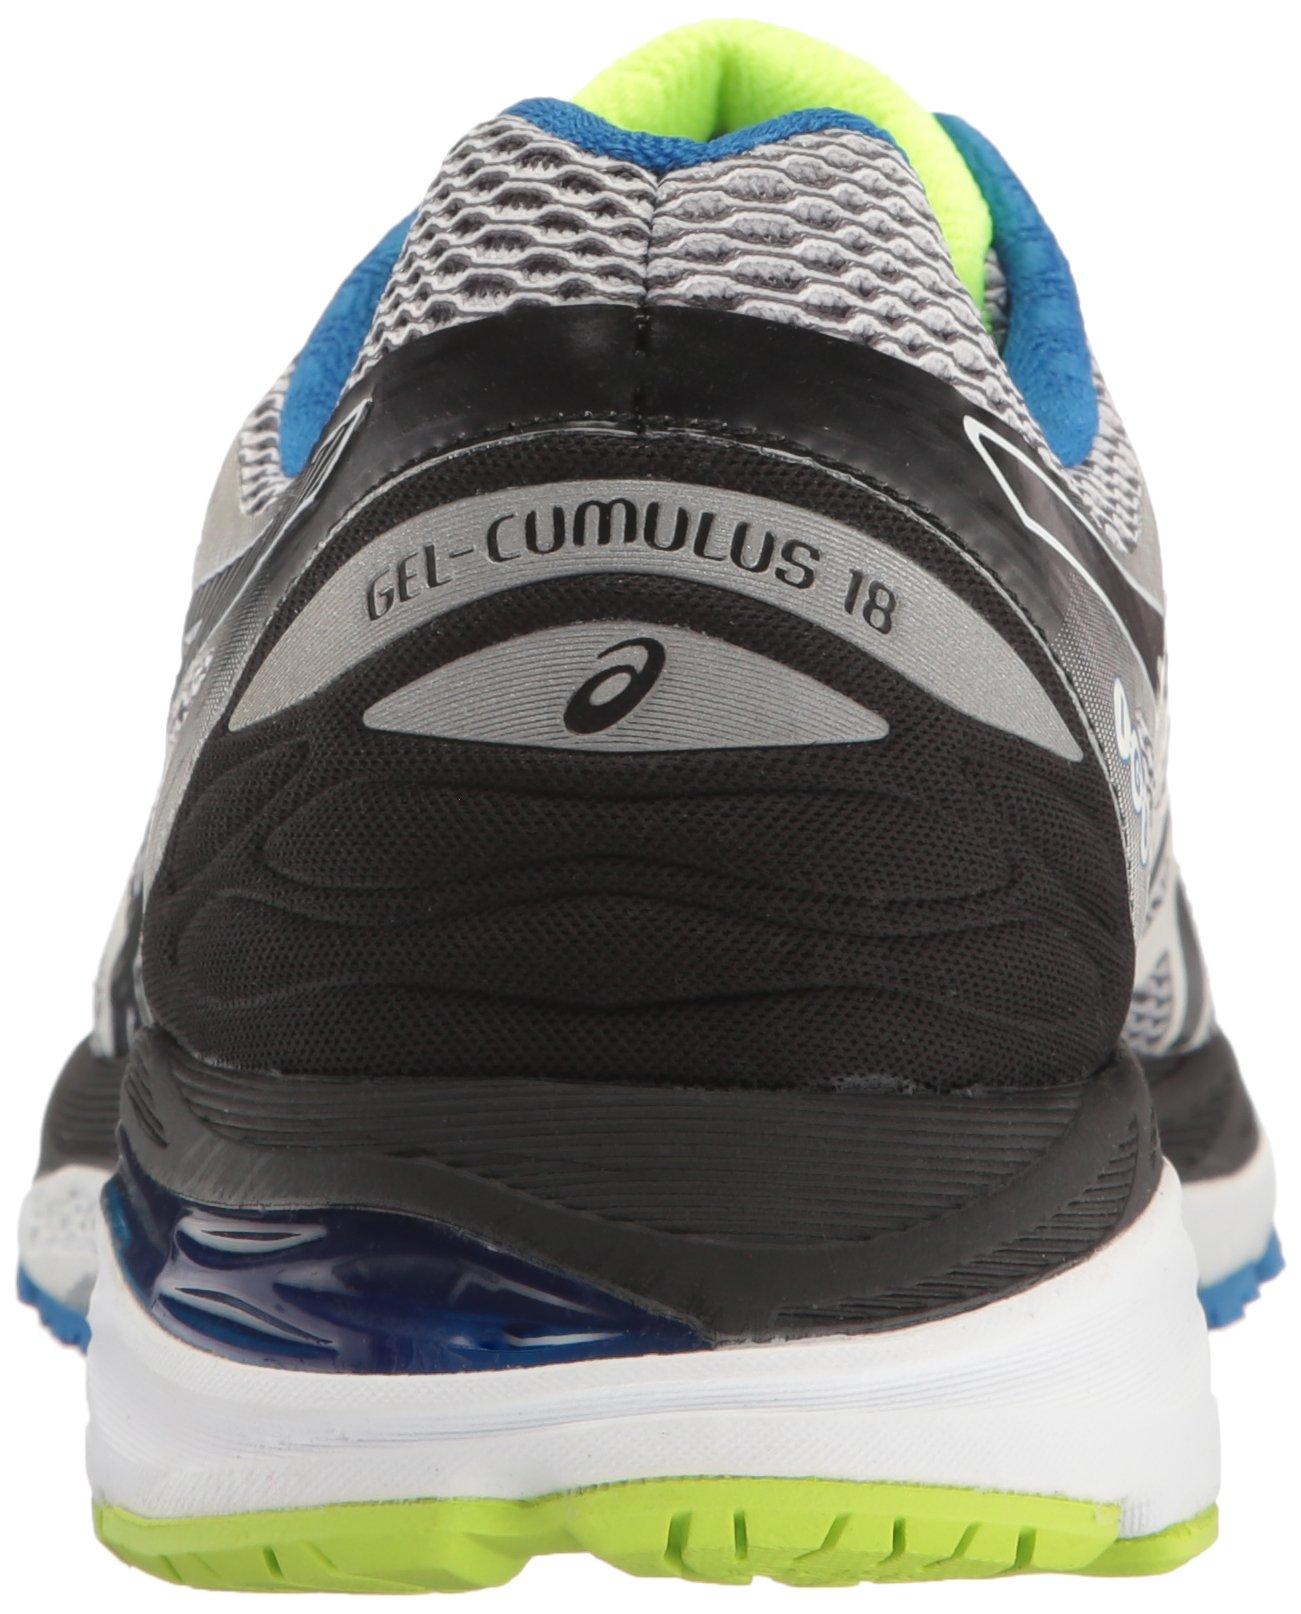 71Mf y4lf3L - ASICS Men's Gel-Cumulus 18 Running Shoe